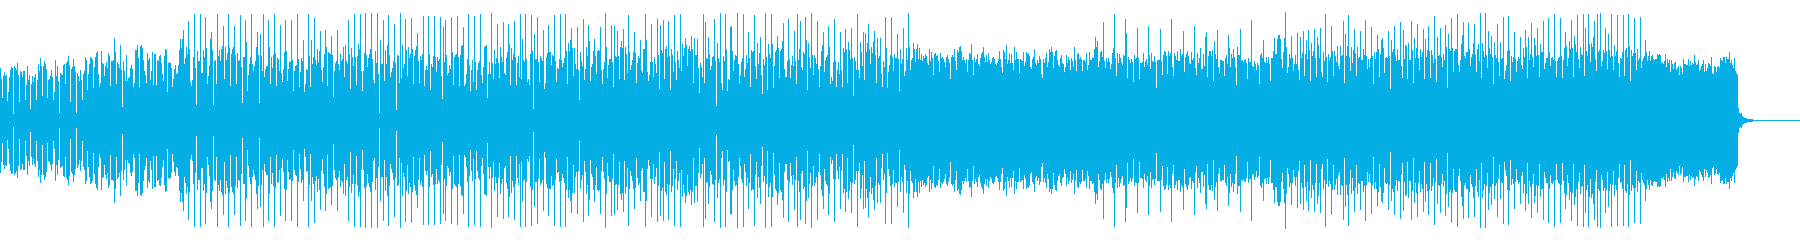 ハッピーで前向きなエレクトロポップスの再生済みの波形